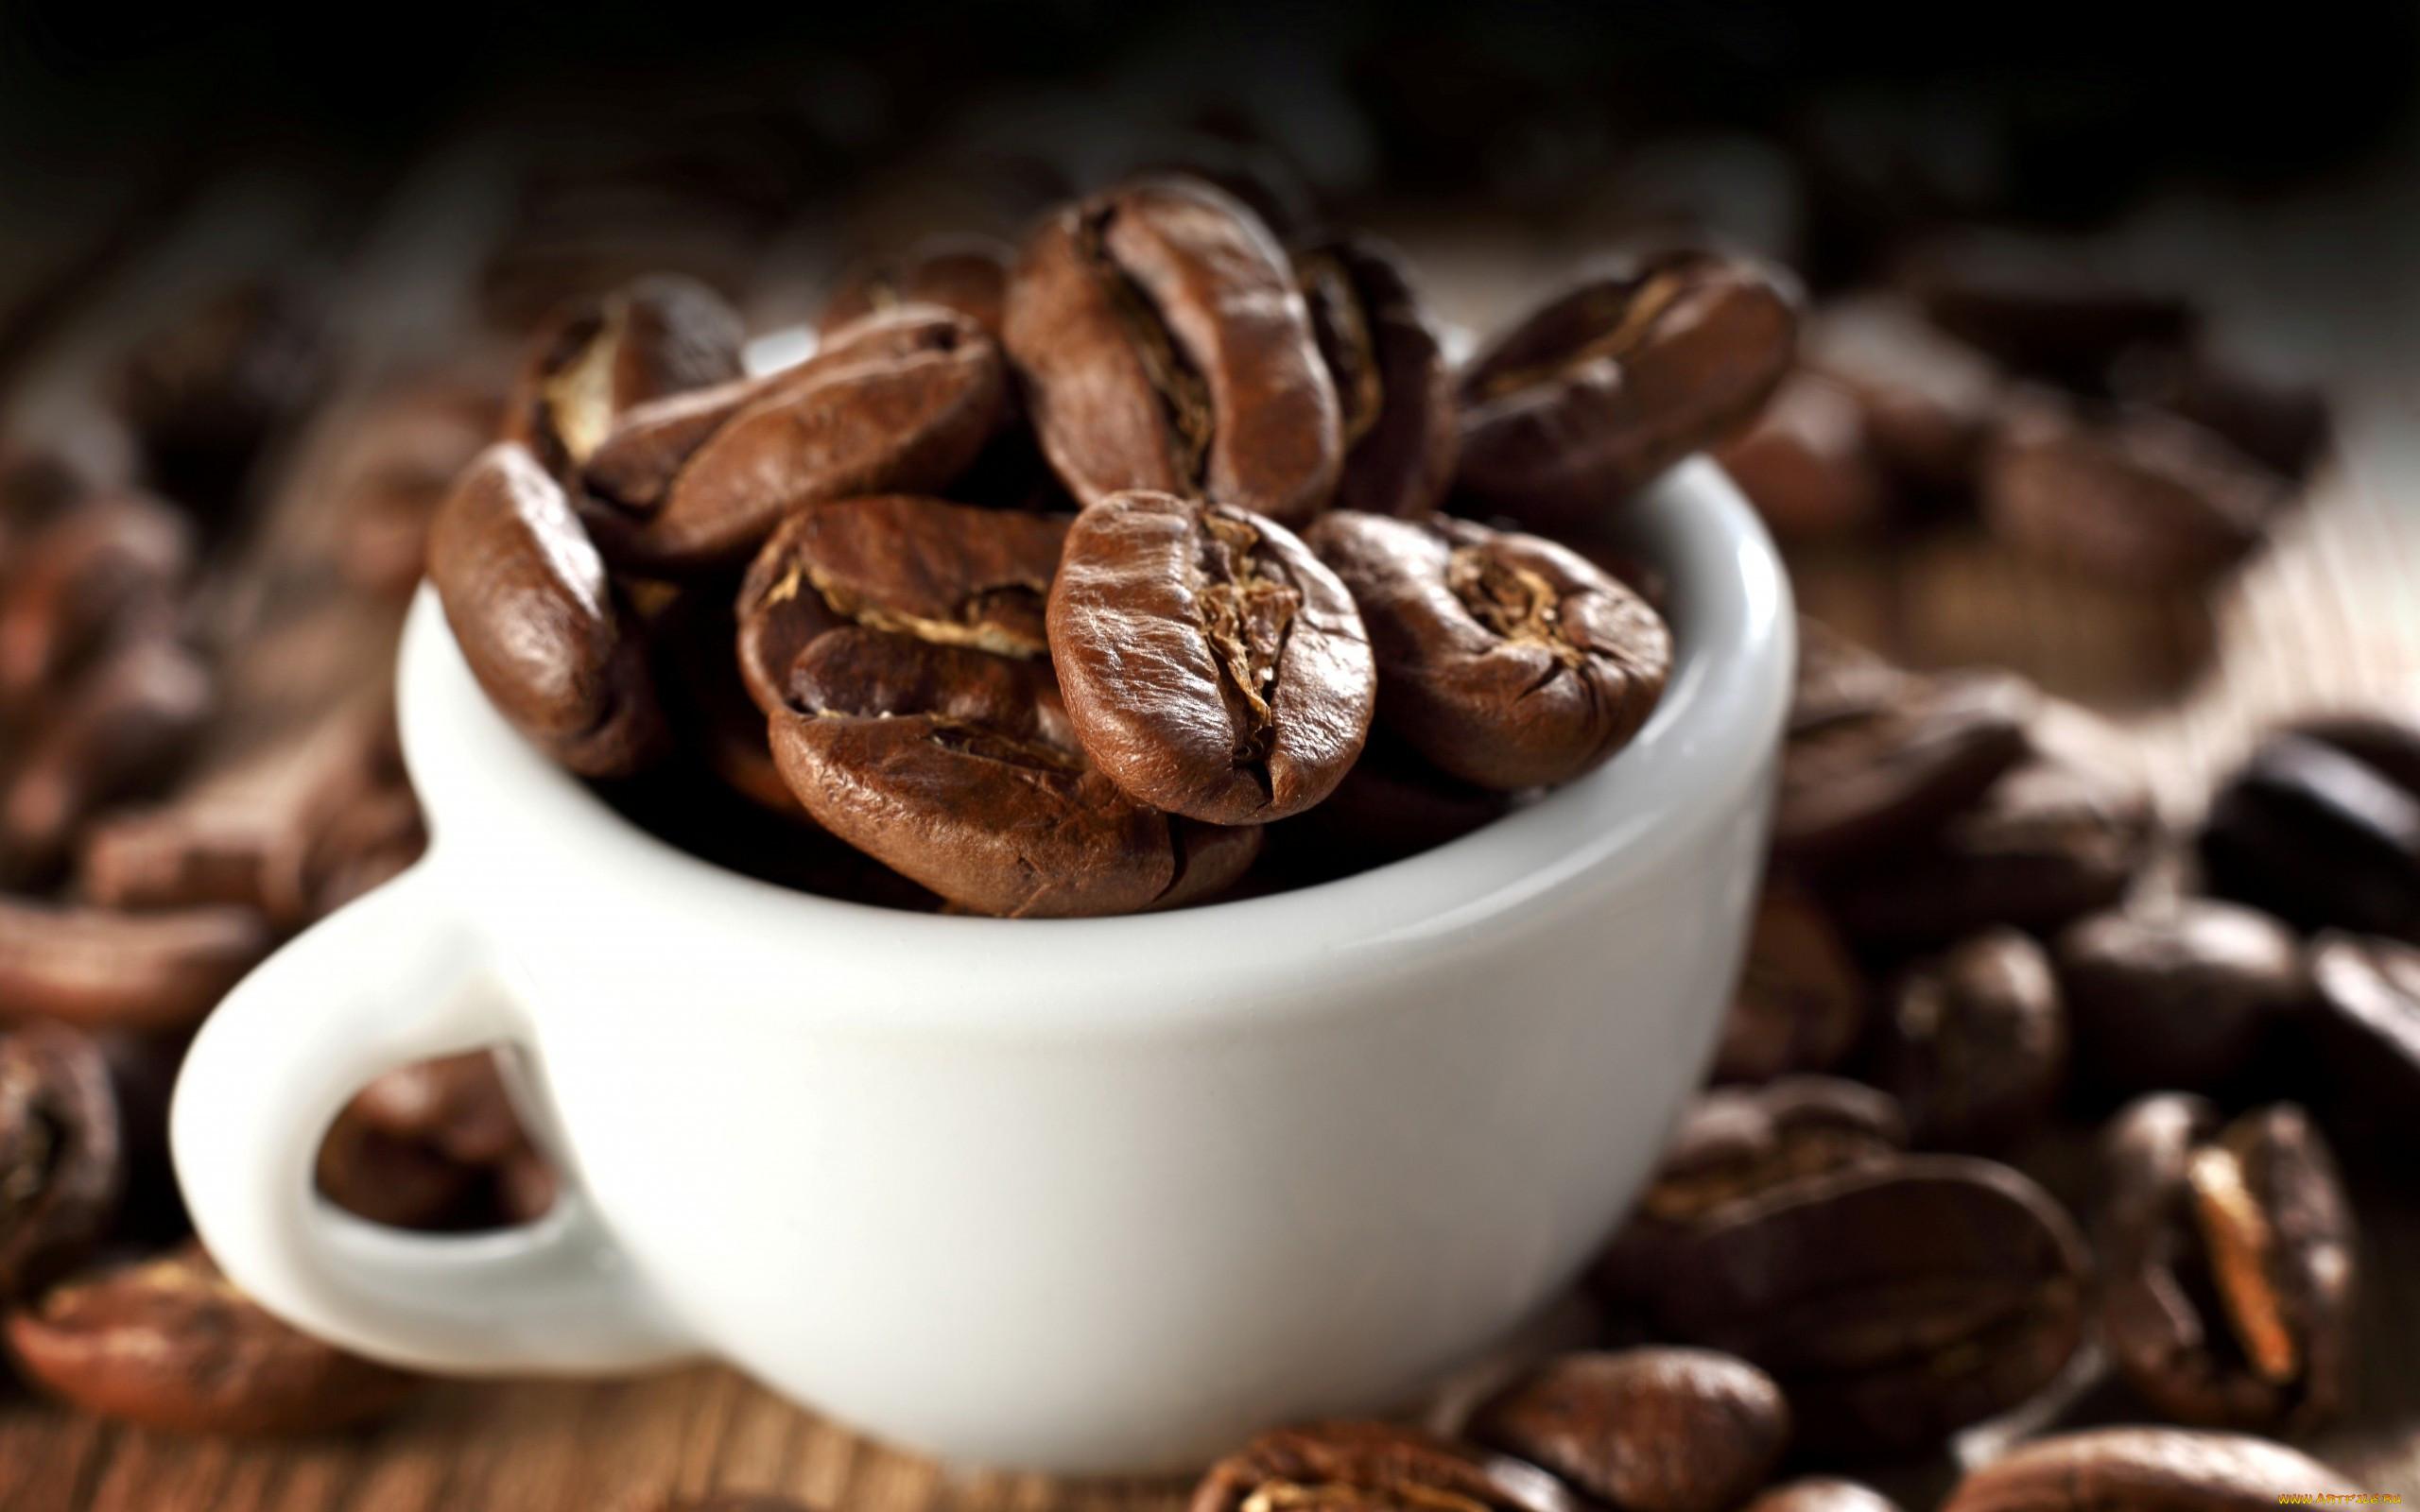 берем картинки фото кофейные зерна картинке ниже